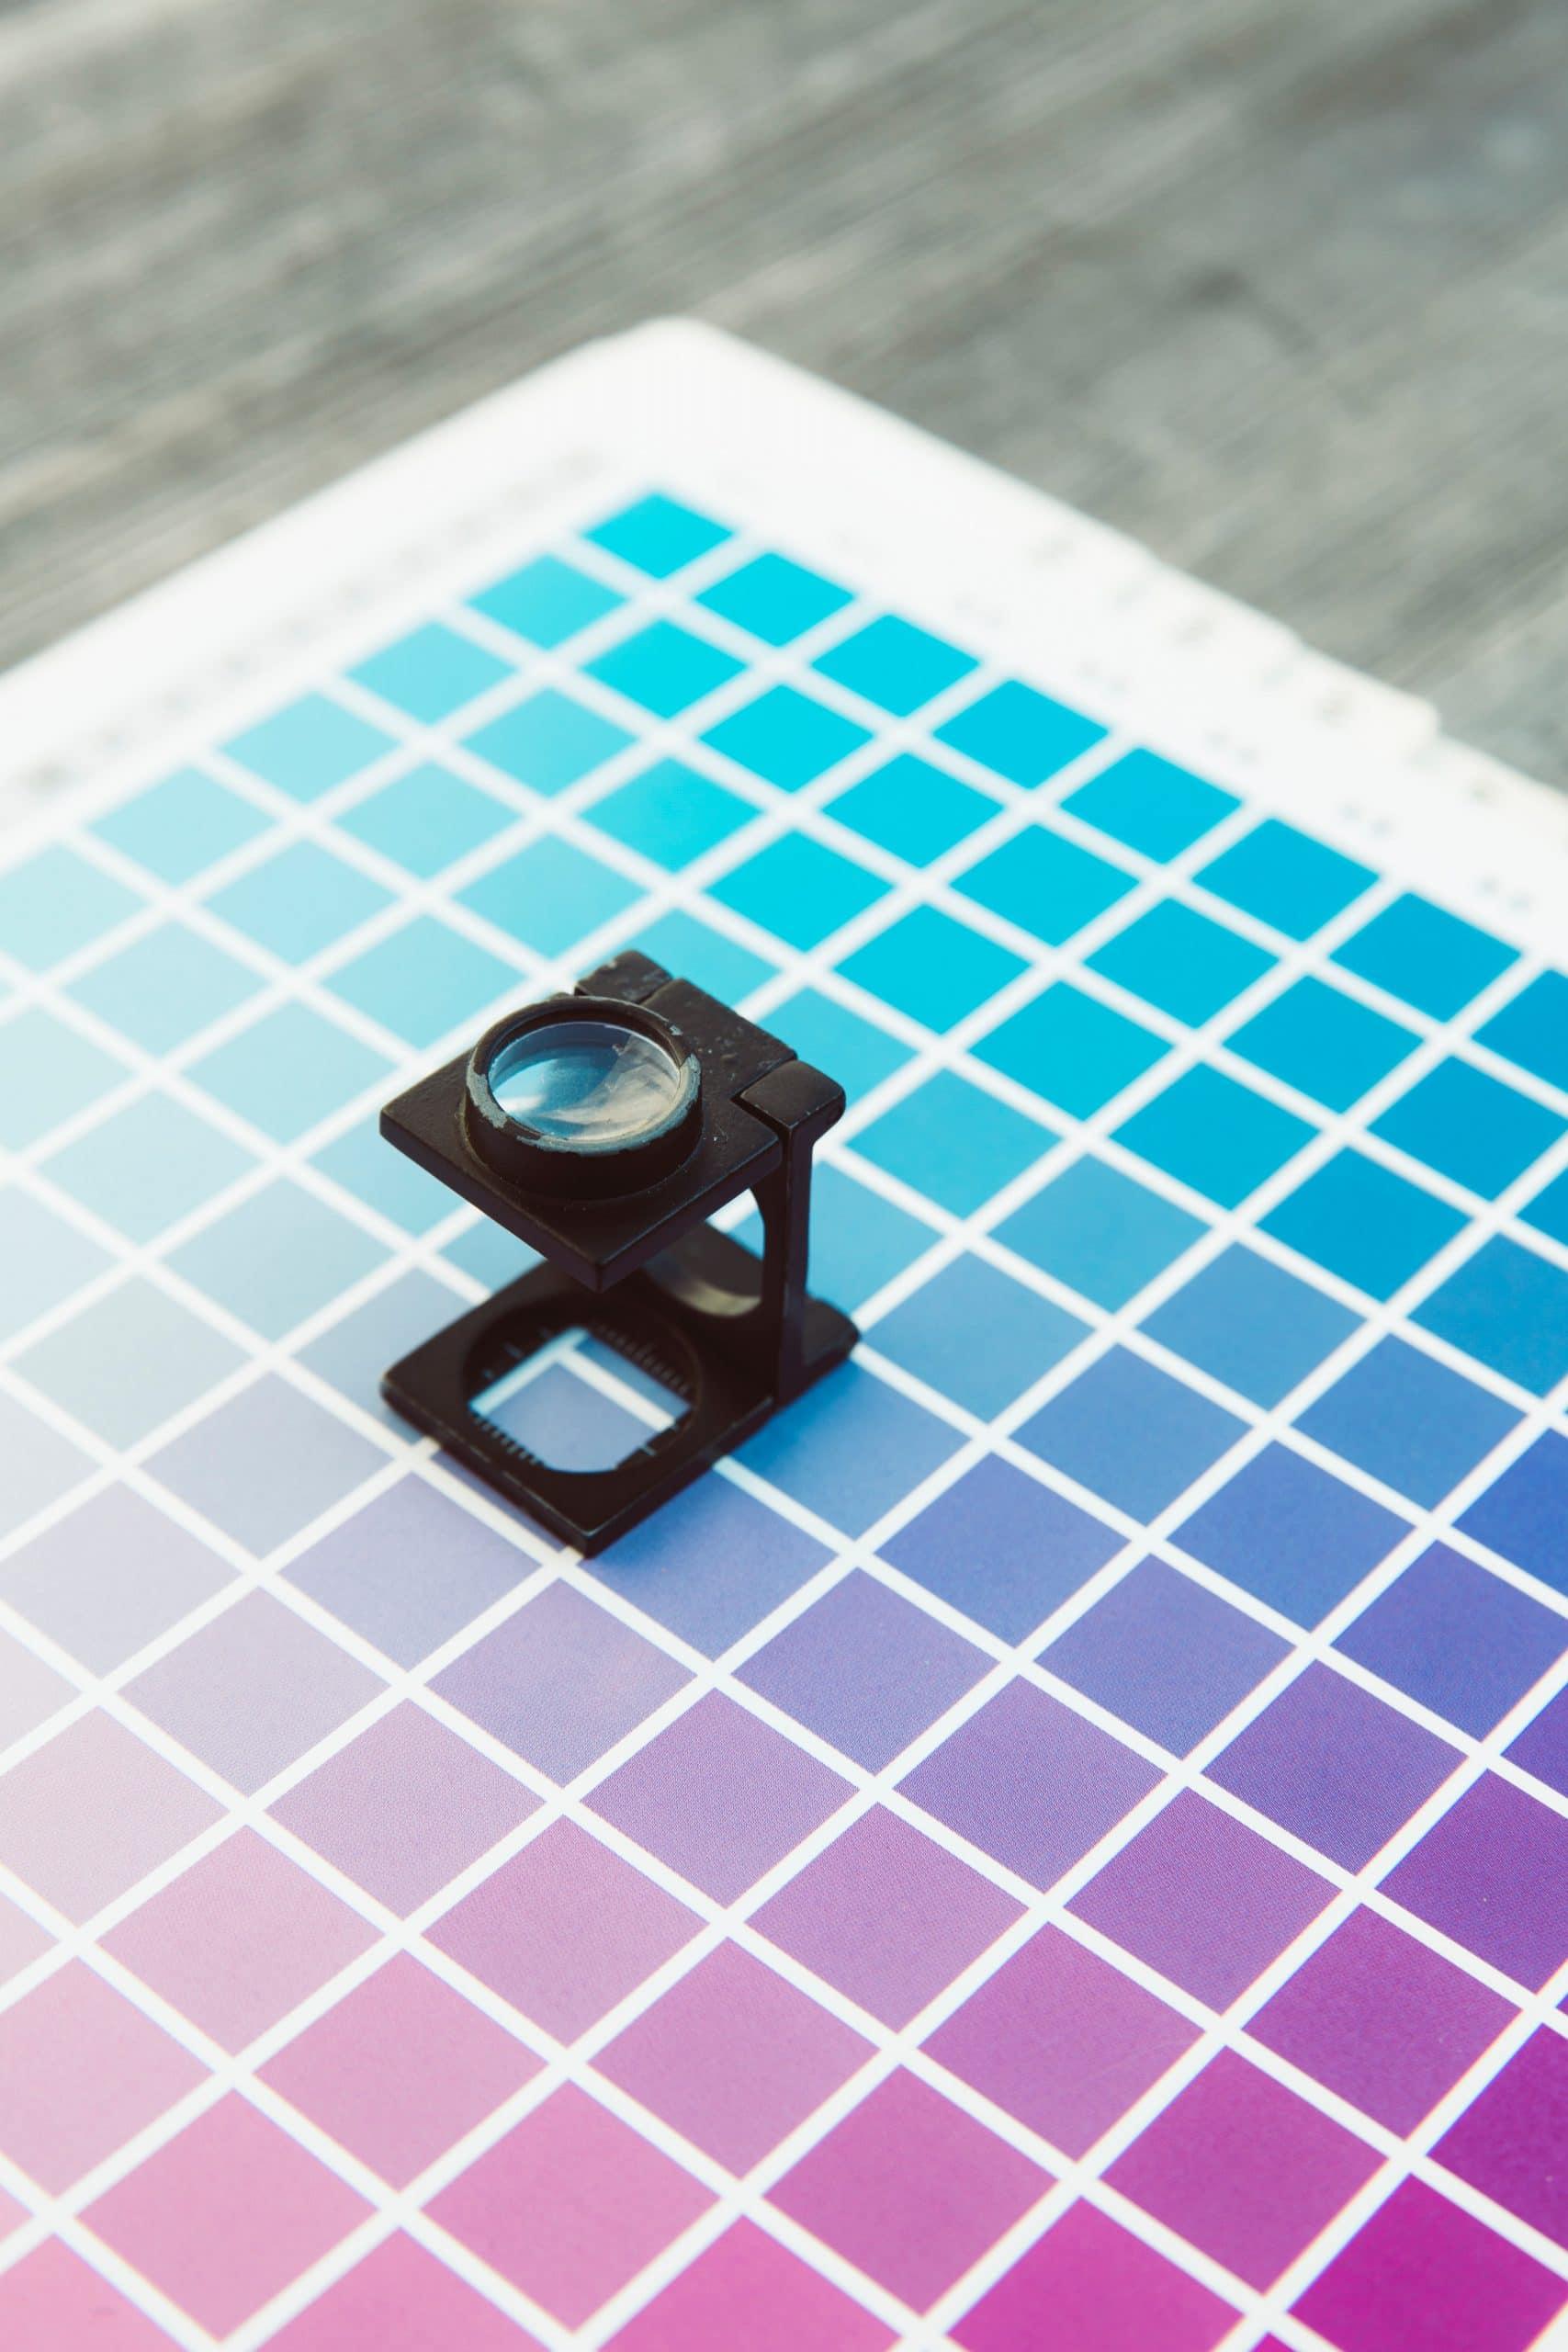 Lupe auf CMY Farben für Offsetdruck